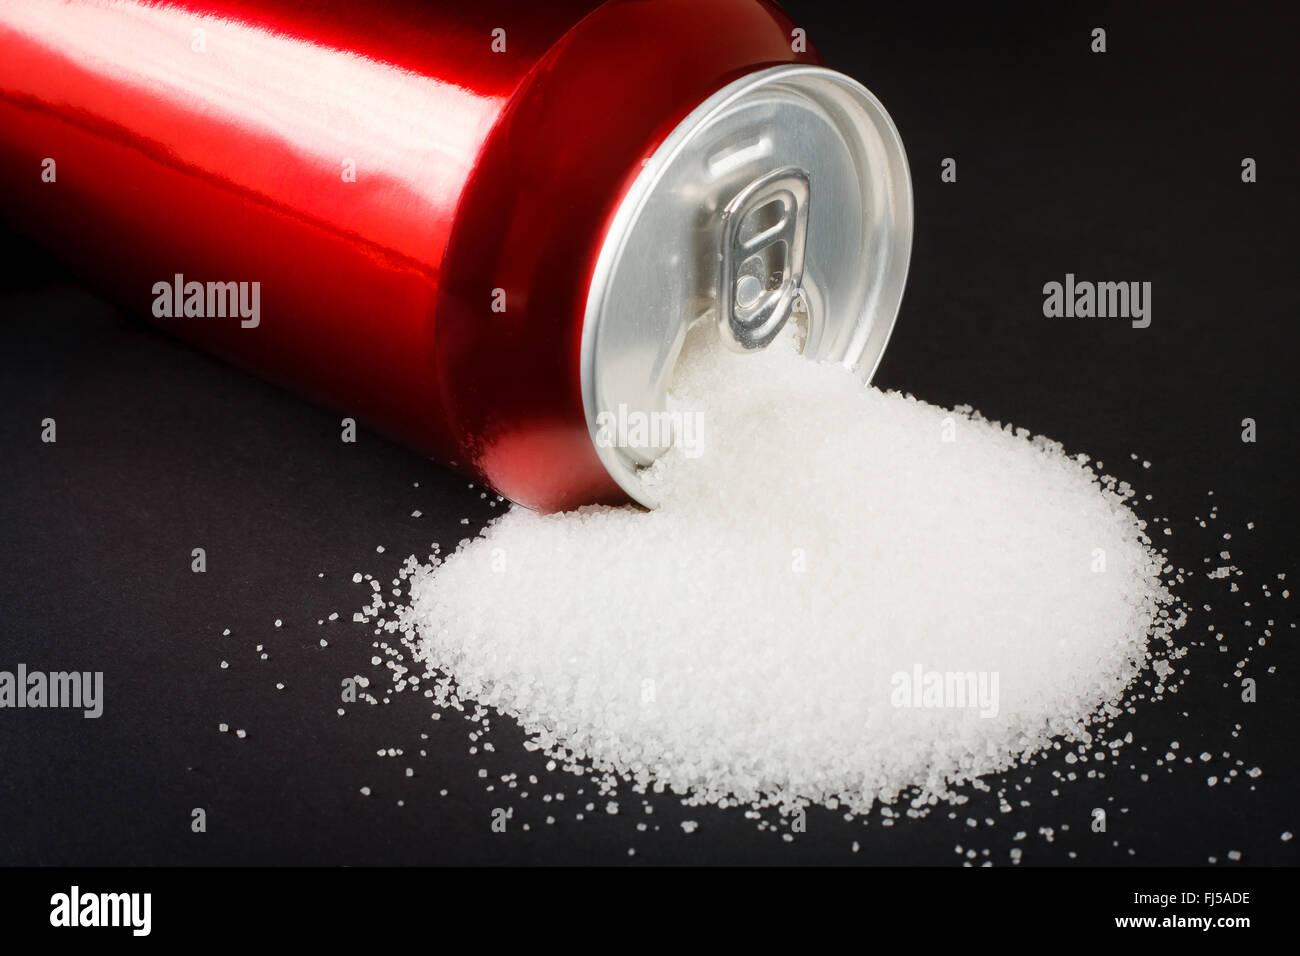 Cibo malsano concetto - Zucchero in bevande gassate. Elevata quantità di zucchero nelle bevande Immagini Stock